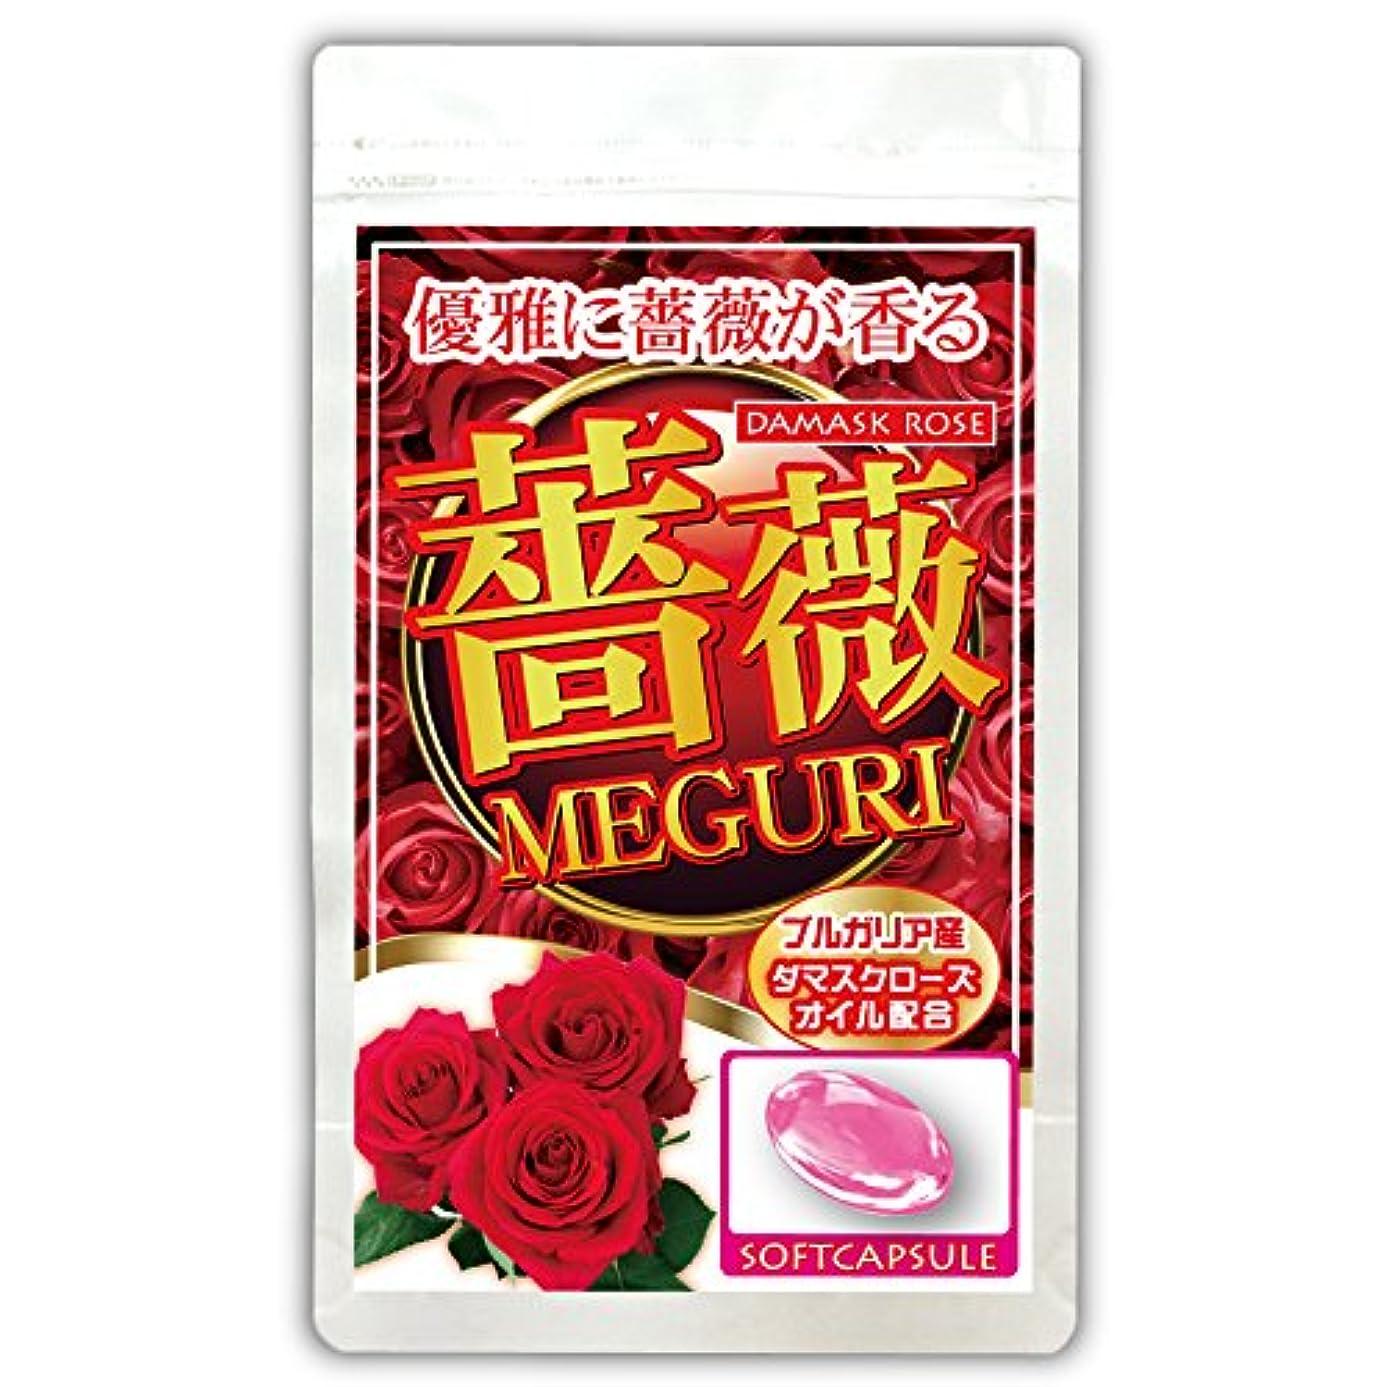 ネックレット歯知覚できる薔薇MEGURI(約1~2ヵ月分/62粒)